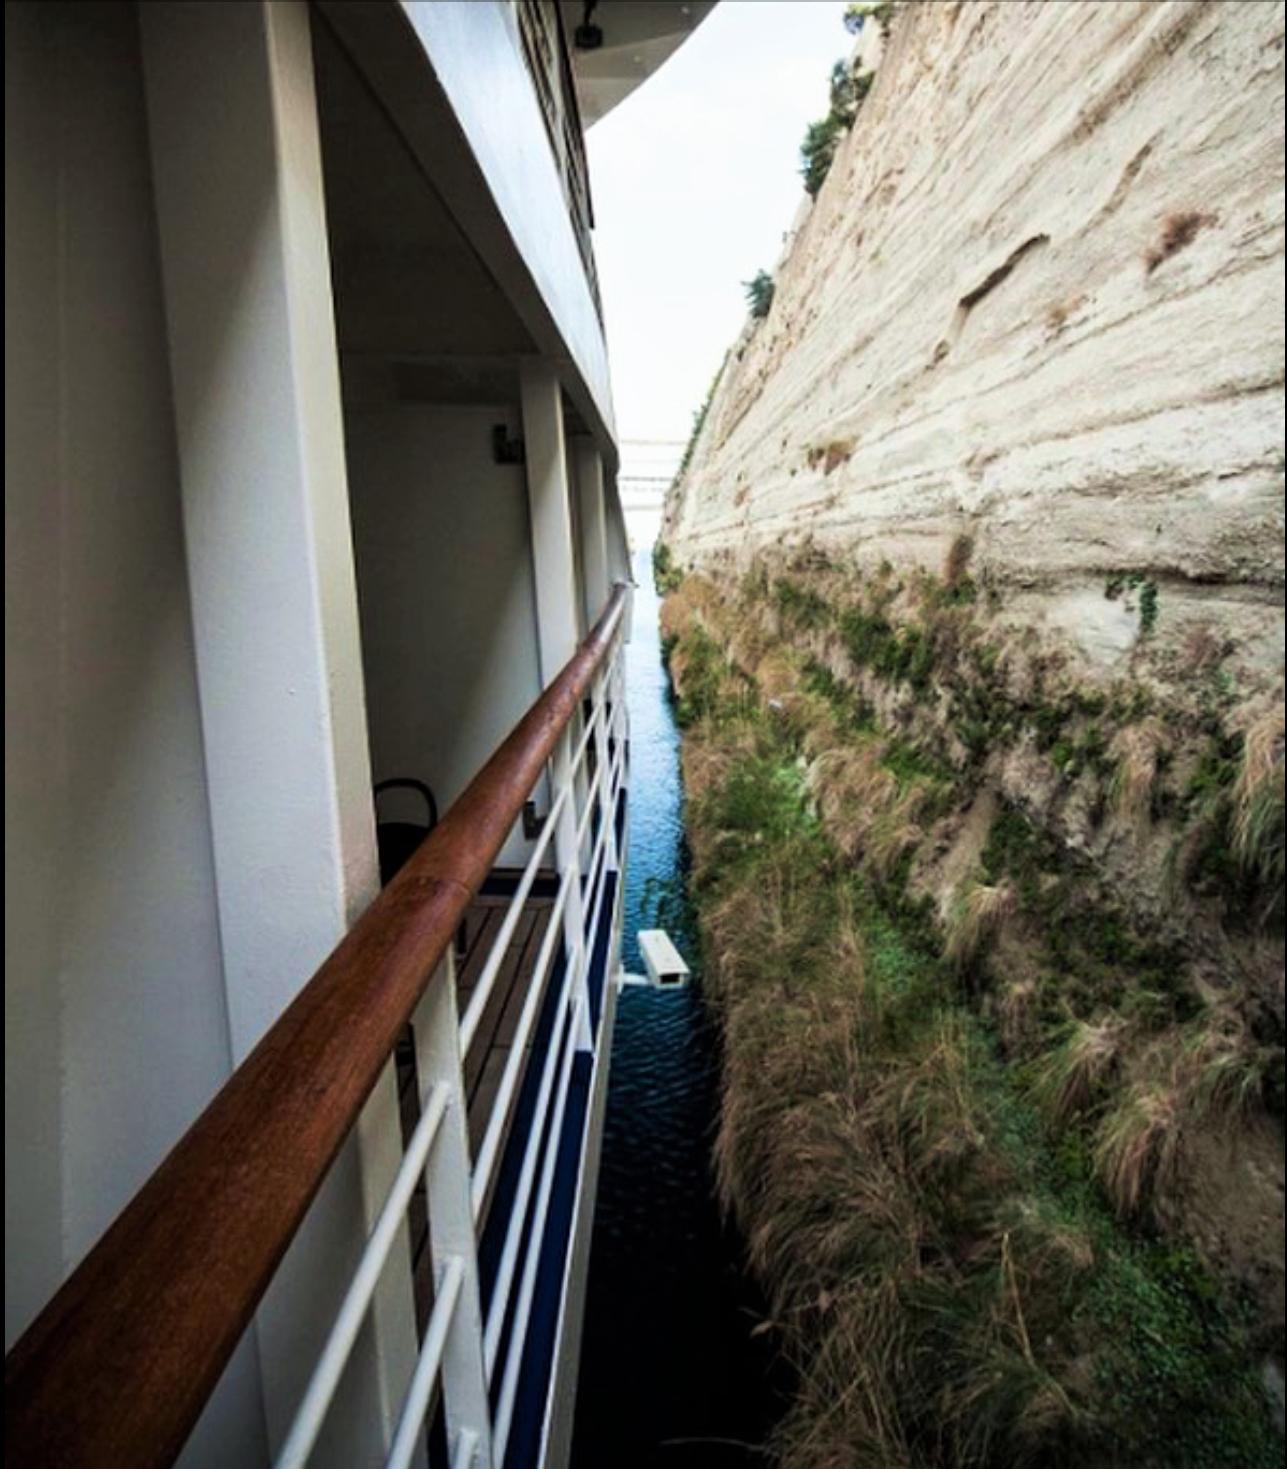 La nave de Silversea Cruises pasando por el Canal de Corinto que es sólo nueve pies más ancho que el barco.